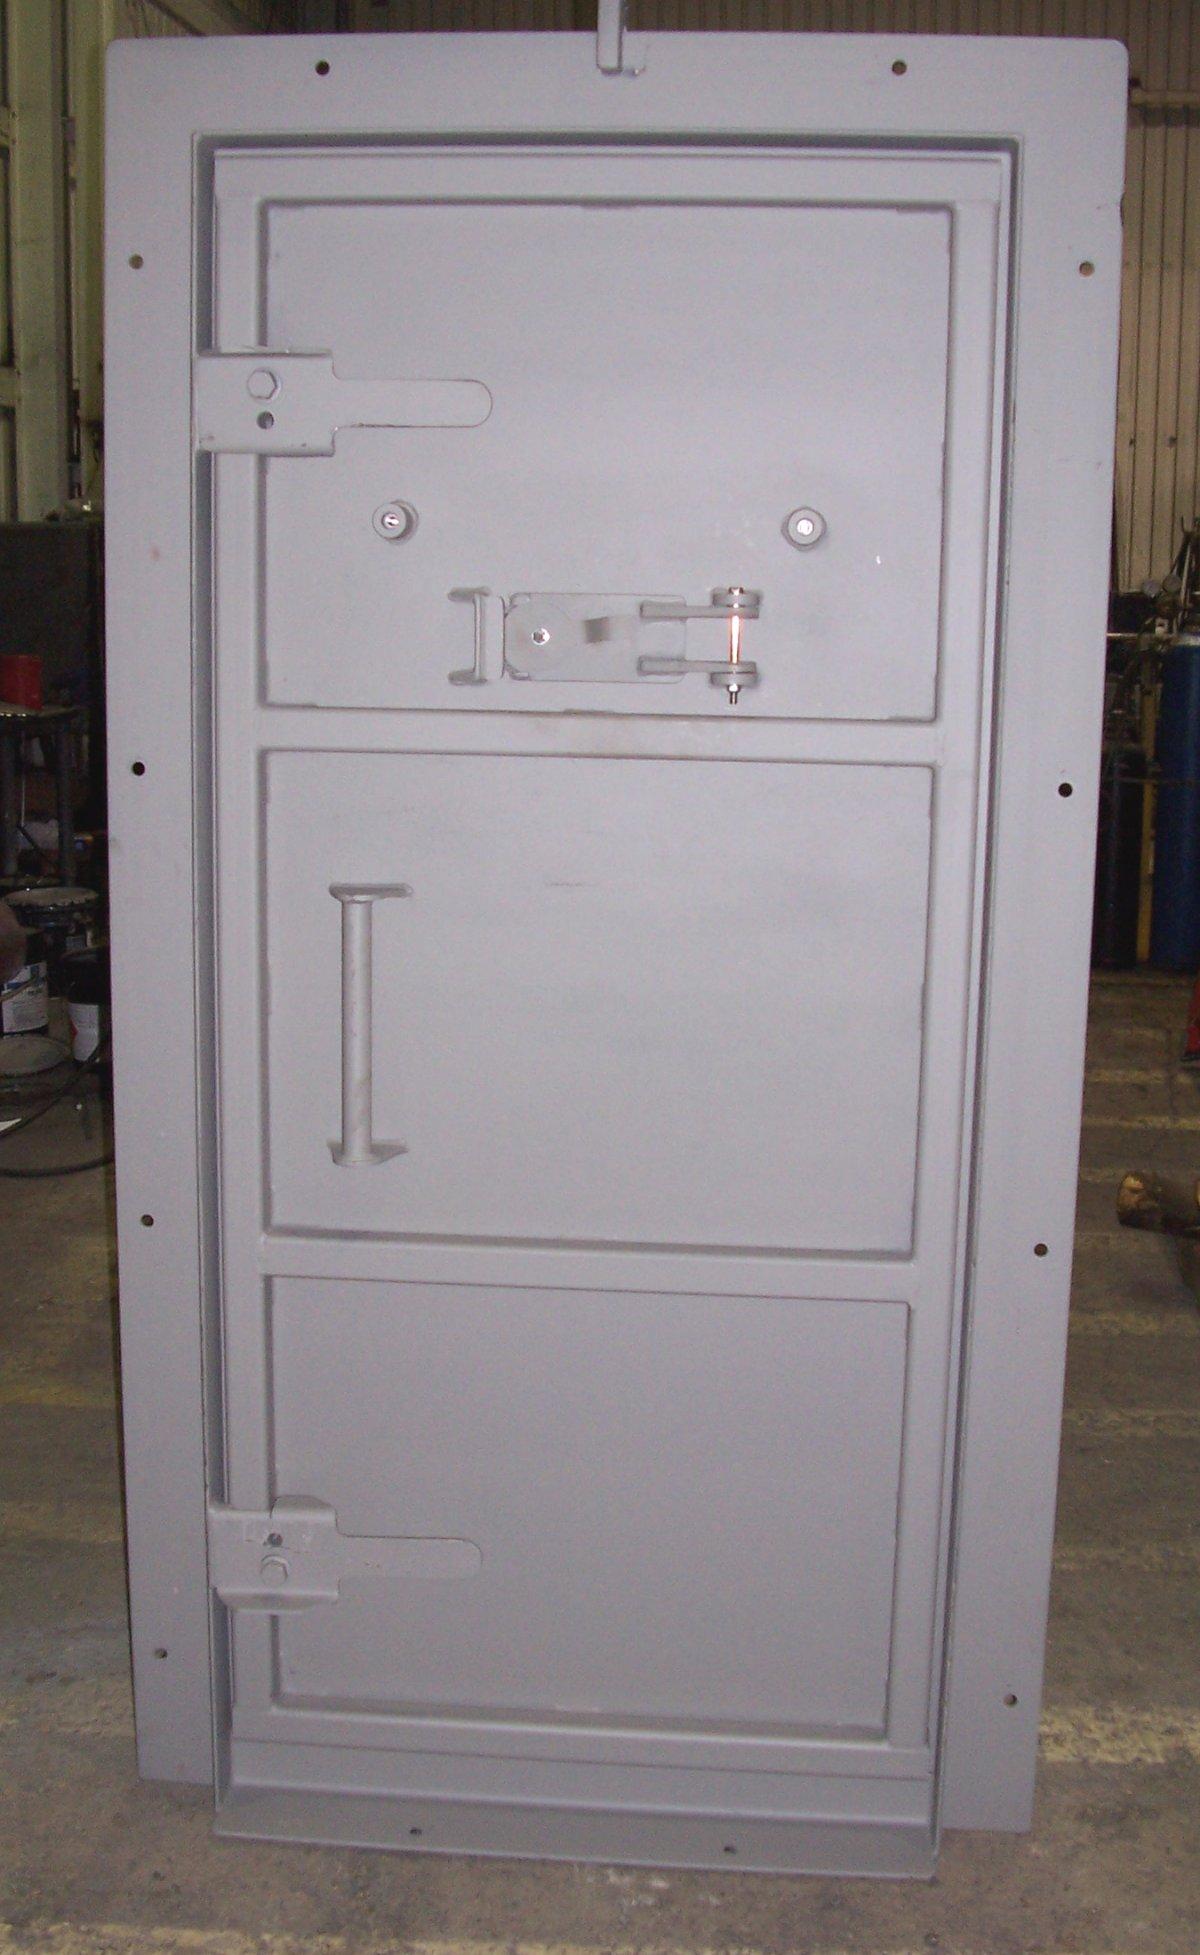 Ballistic door - inside & Ballistic doors for hardened shelters pezcame.com